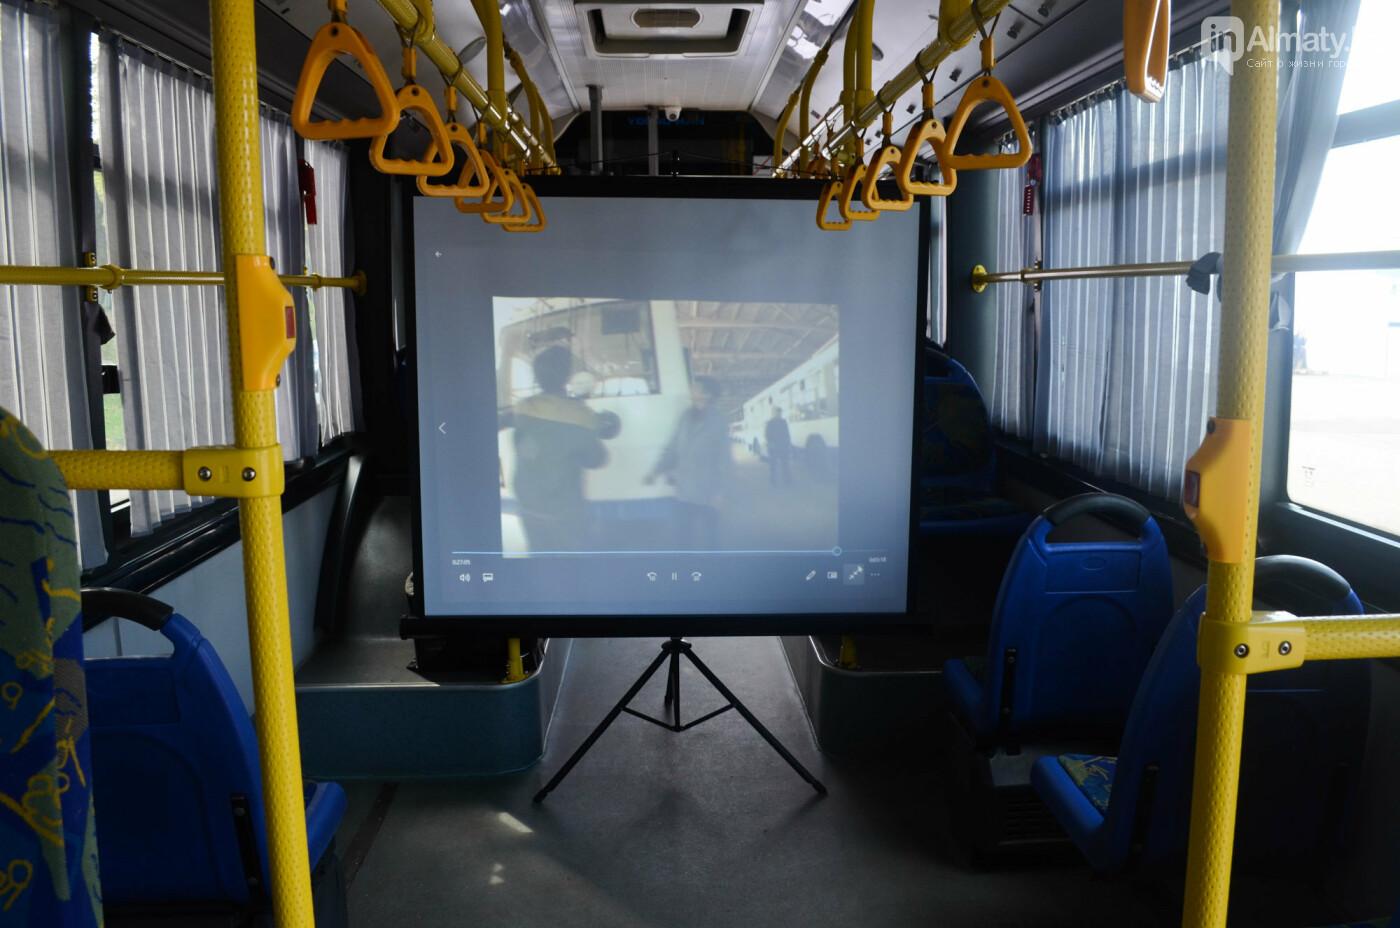 Юбилей троллейбуса отметили в Алматы (фото), фото-19